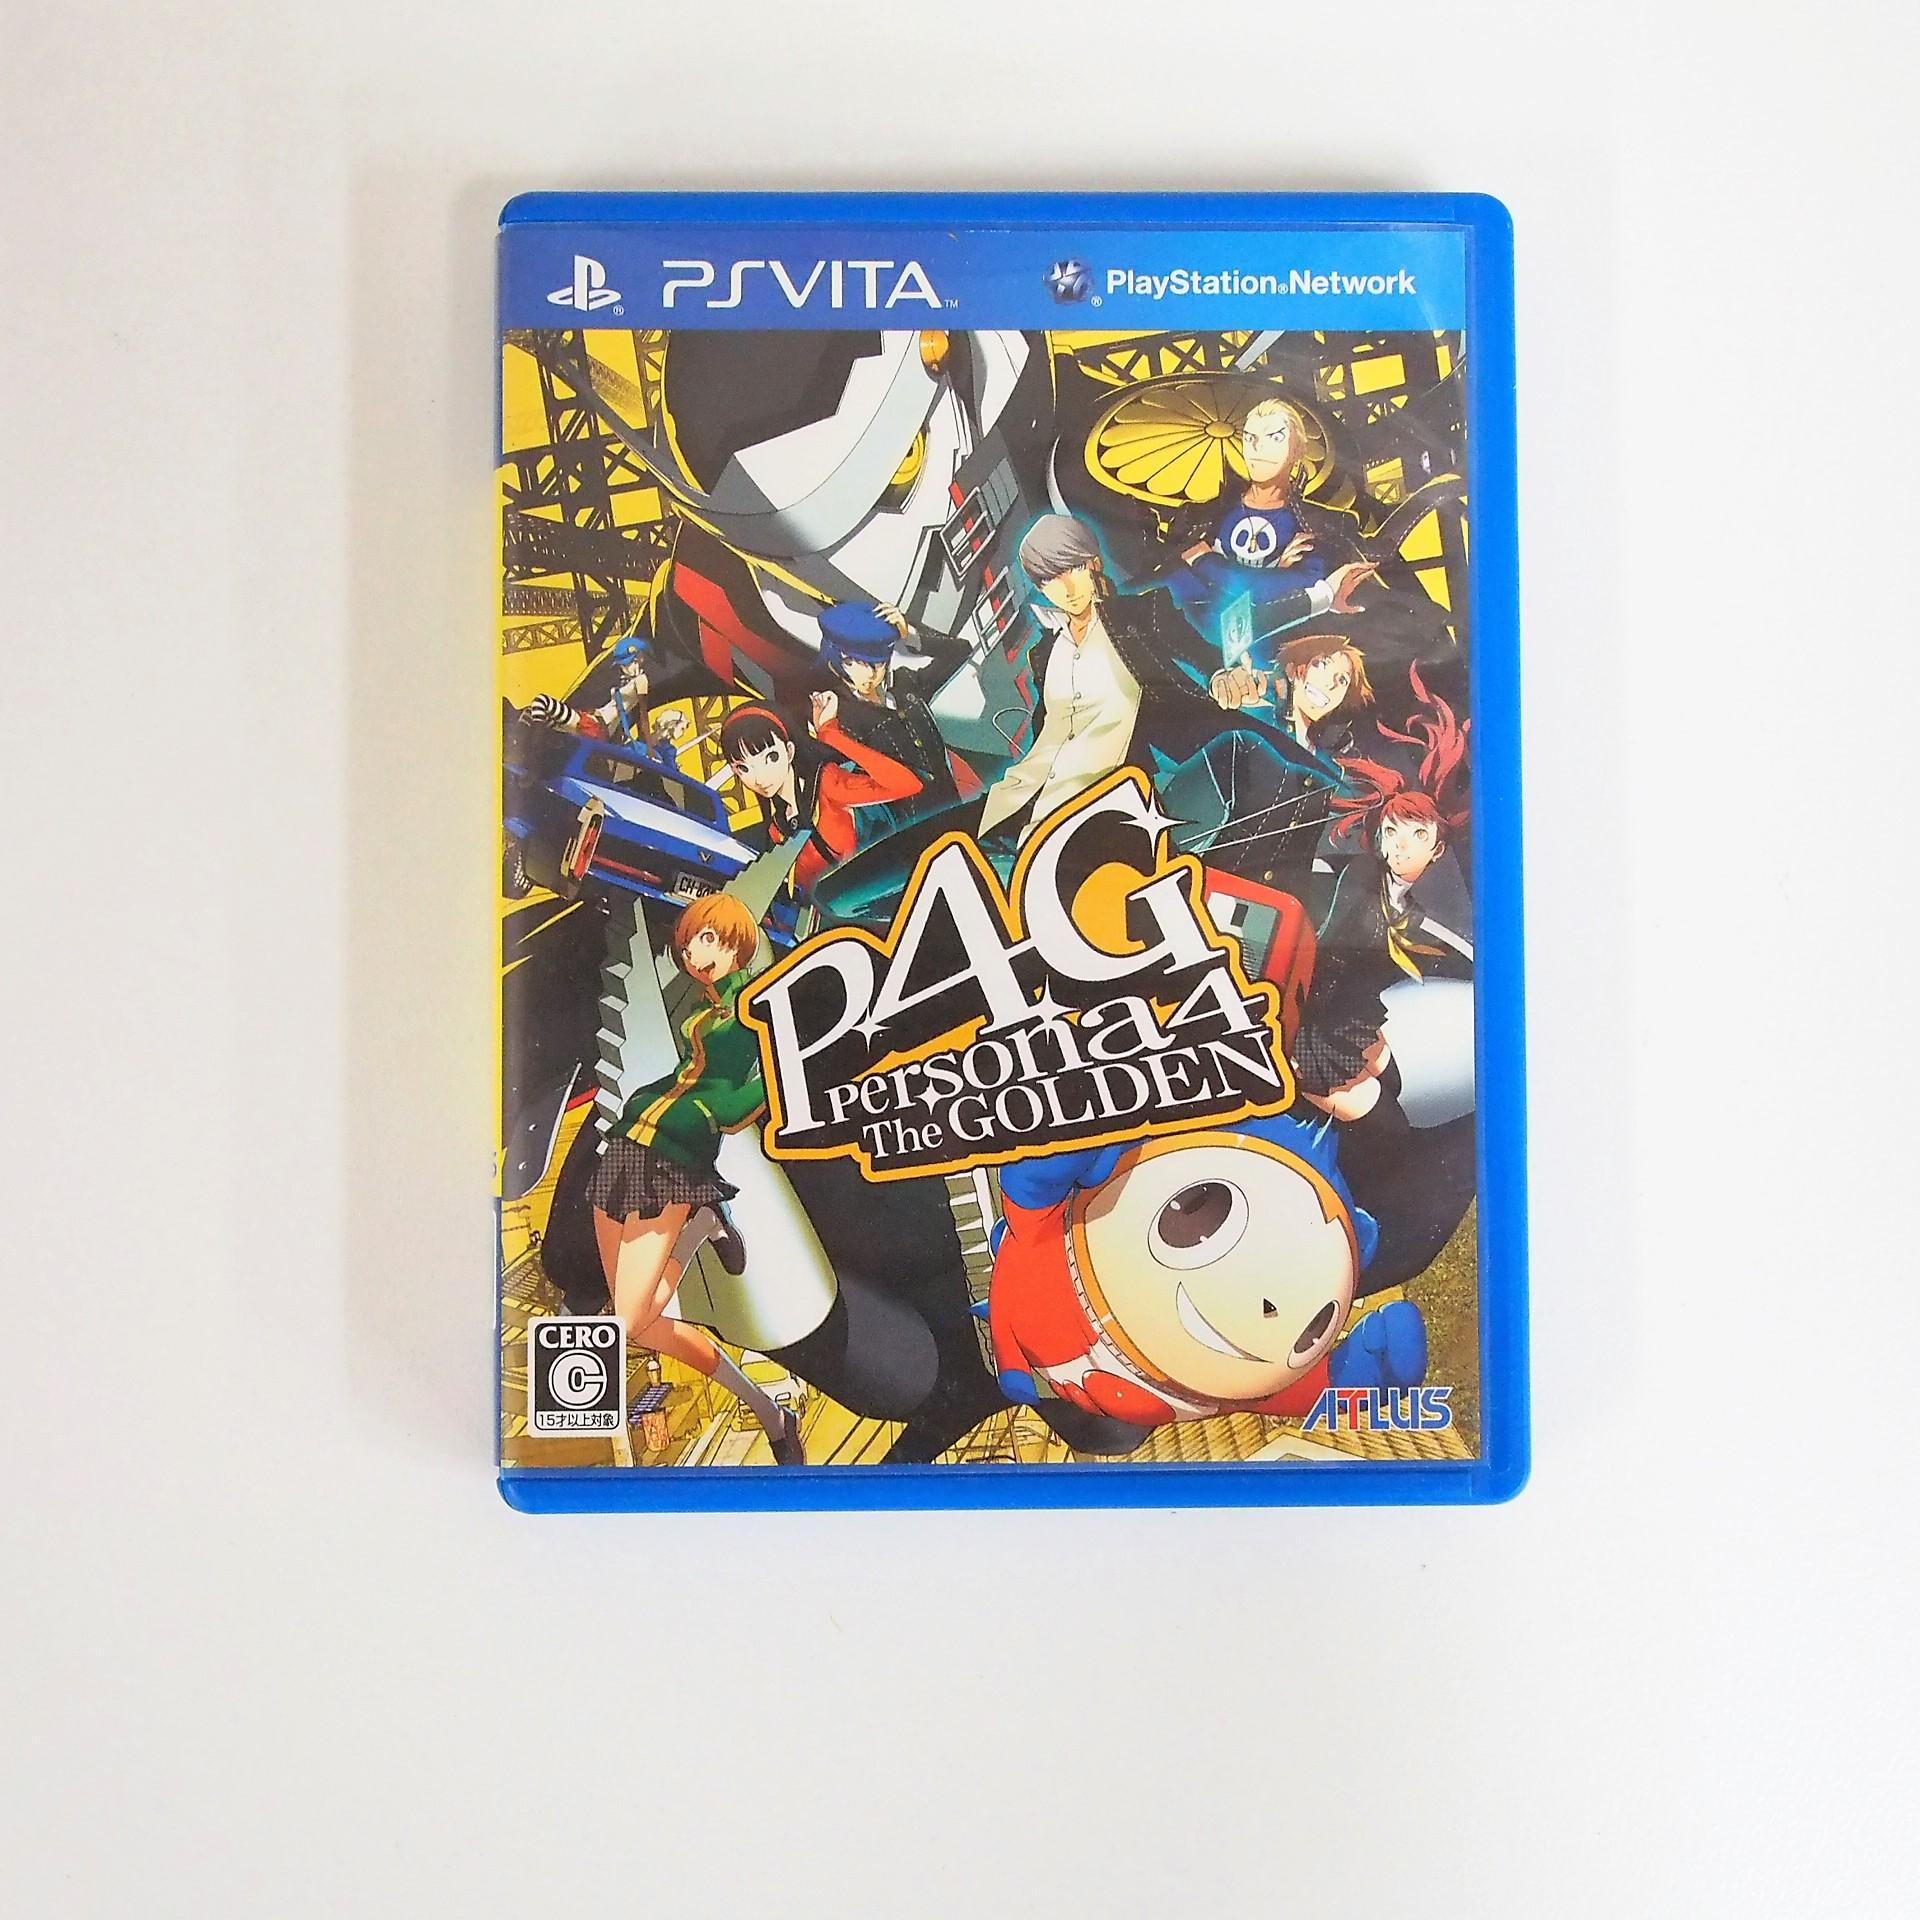 PS Vita ペルソナ4 ザ・ゴールデン